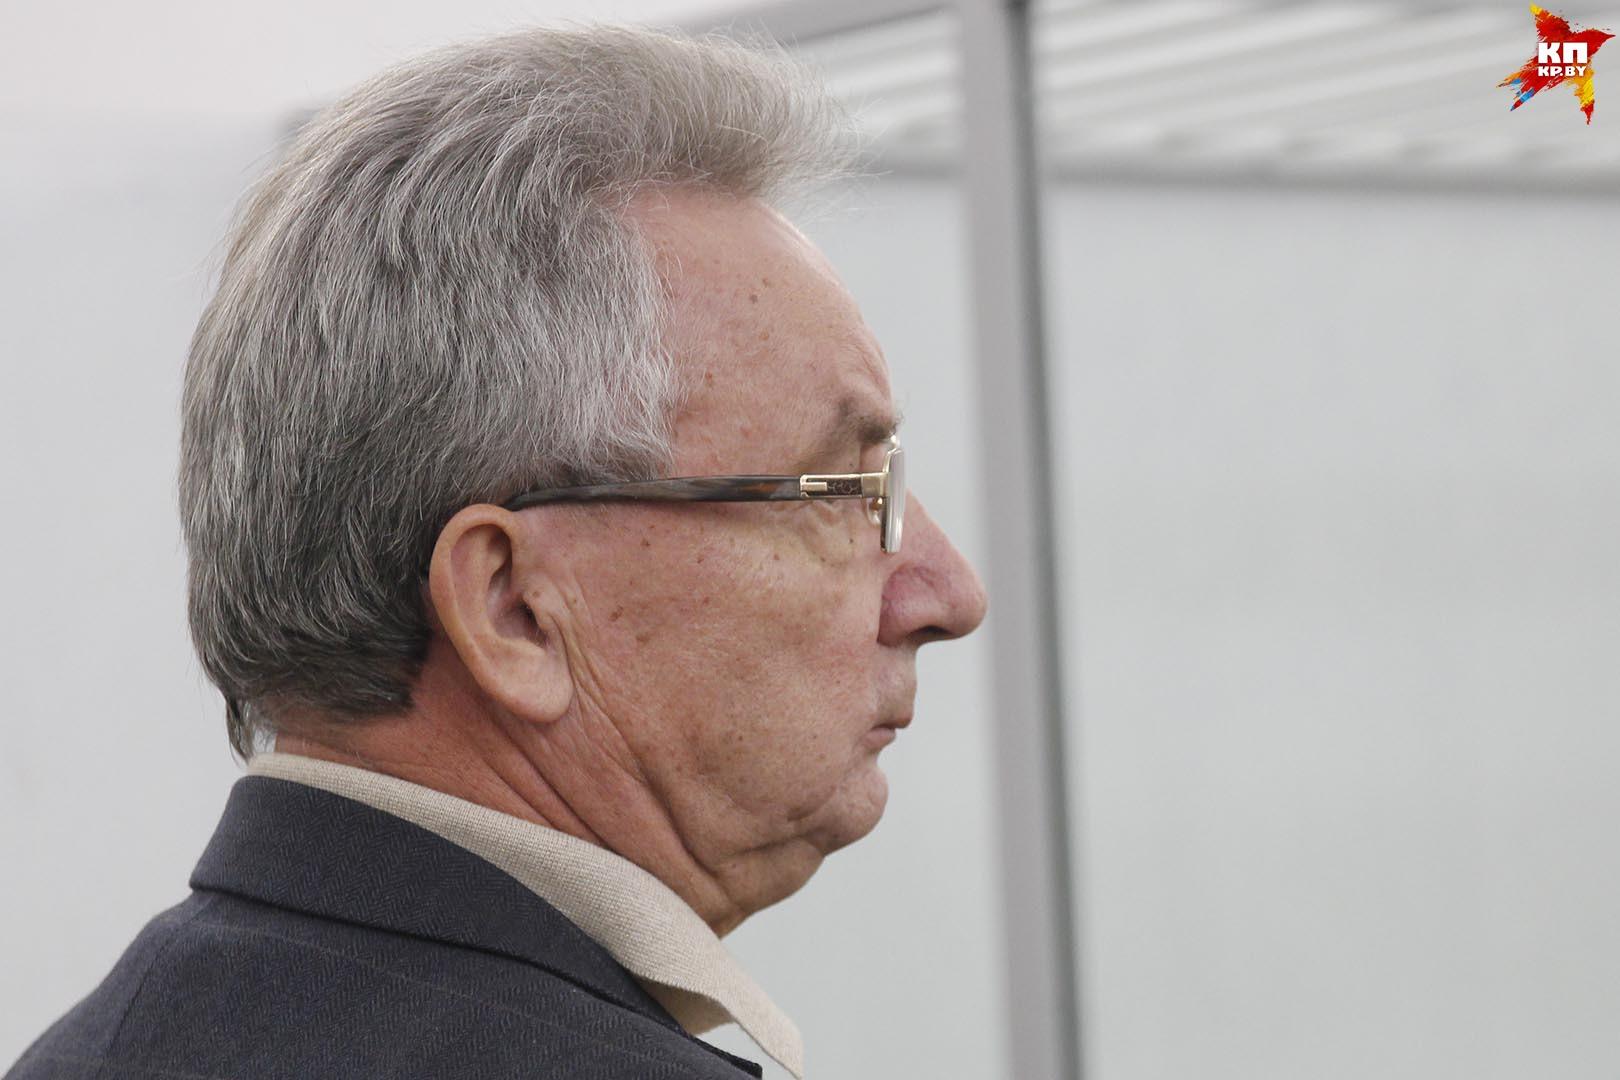 Бондаренко не будет сидеть в тюрьме, но за его поведением будут следить. Фото: РОЛЬСКИТЕ Мария